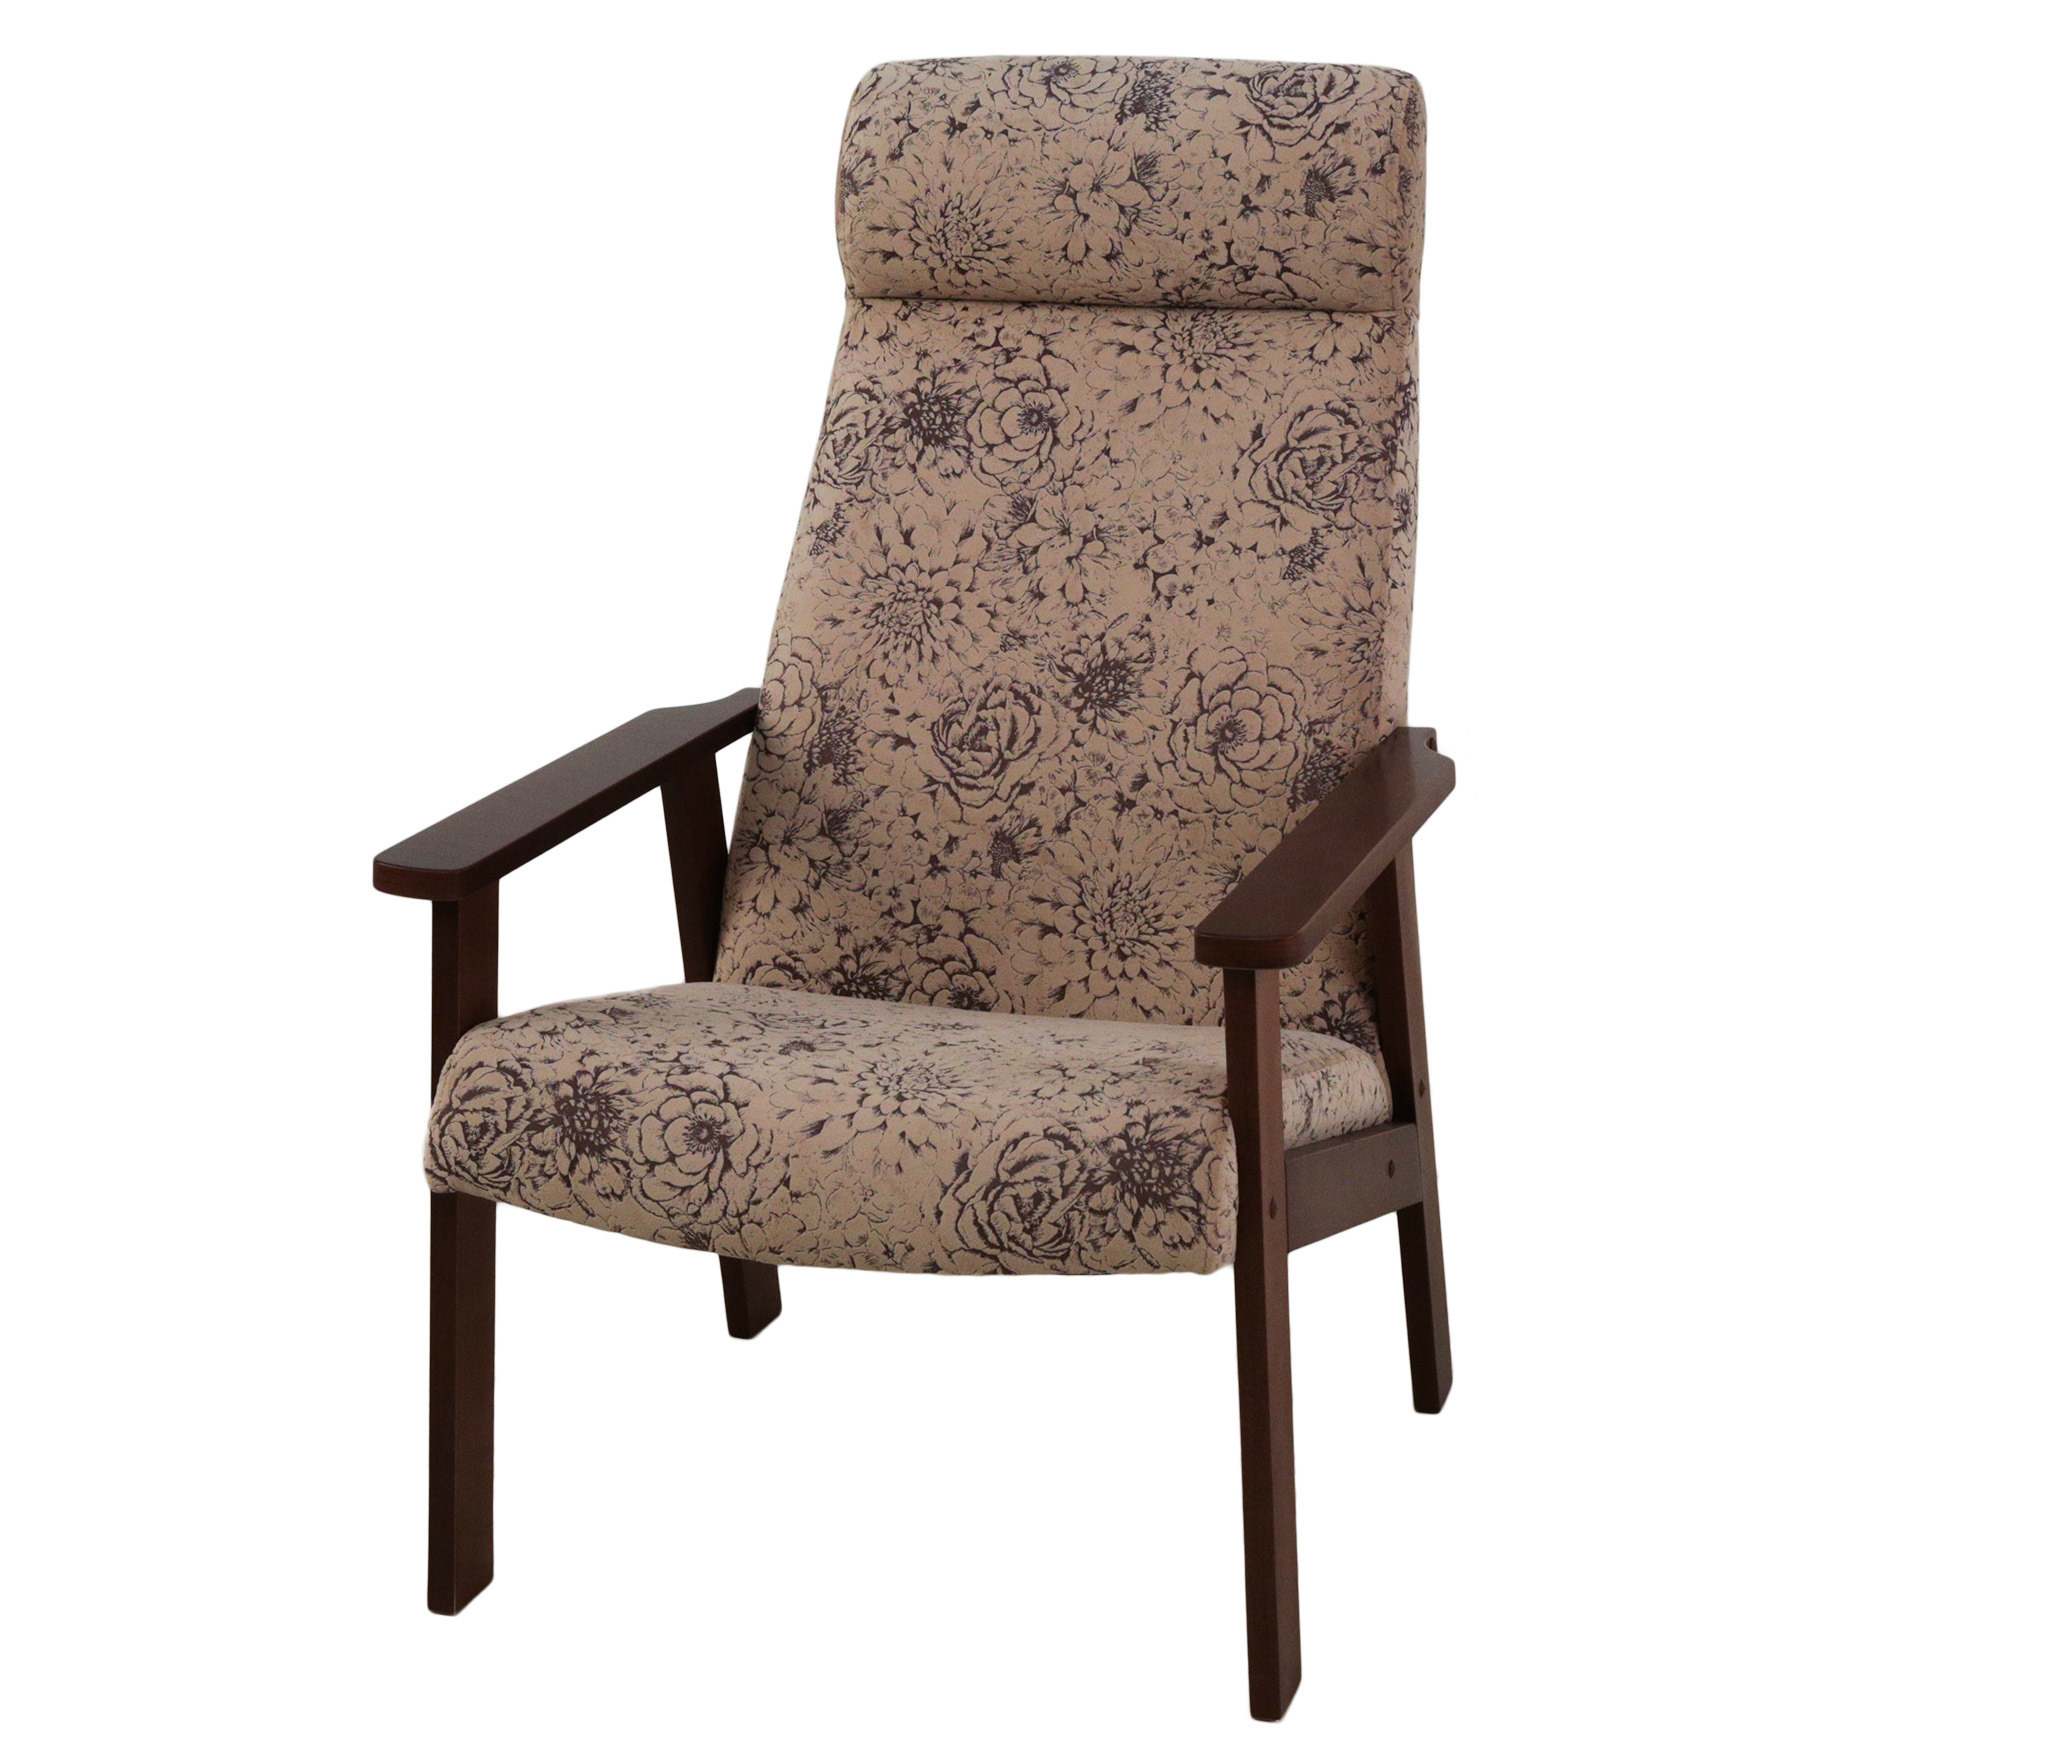 мягкие кресла Кресло для отдыха Вилора, Орех, флок RJB 14-4